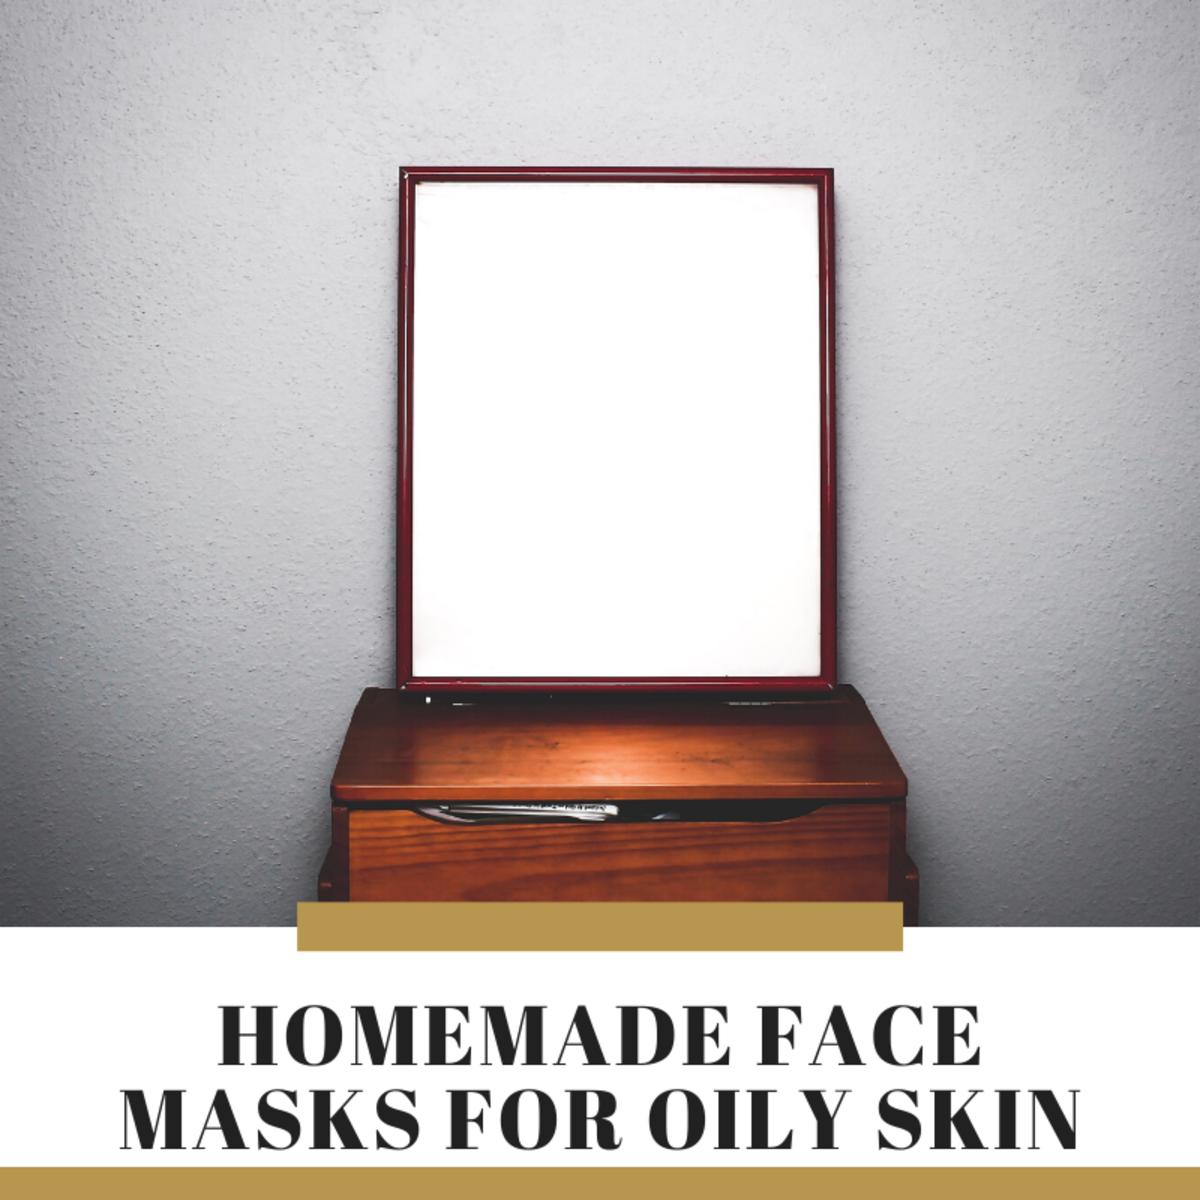 8 Best Homemade Face Masks for Oily Skin